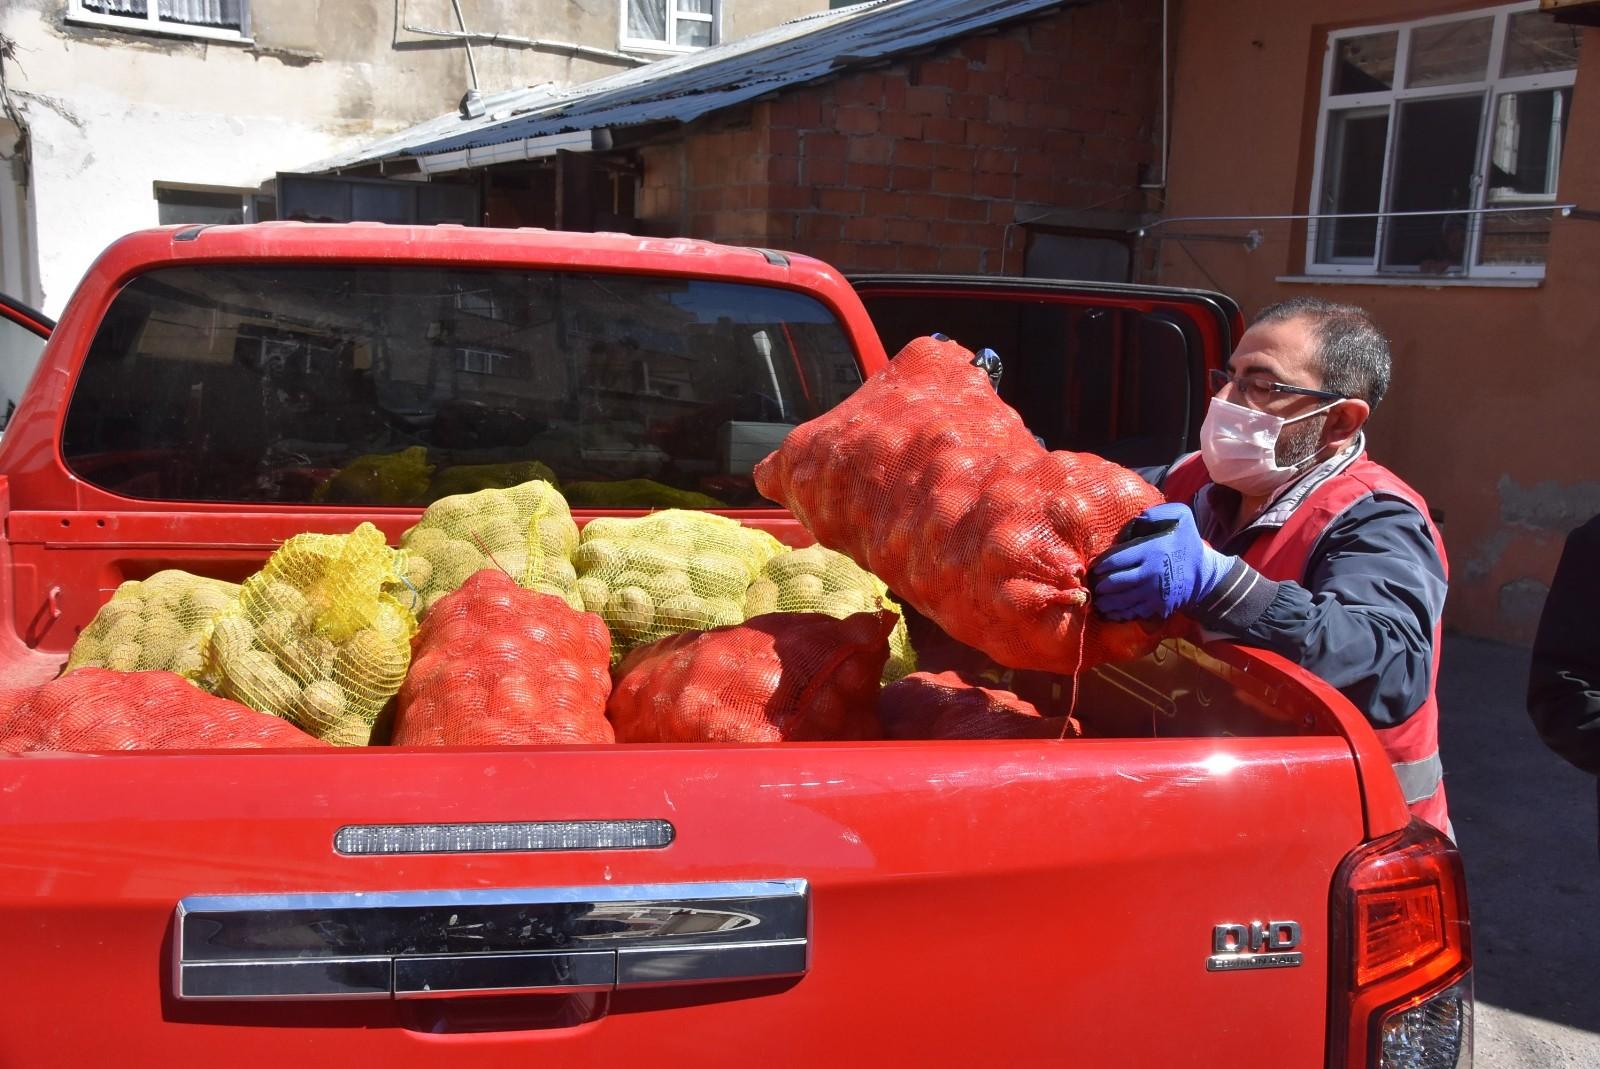 Patates soğan dağıtımları devam ediyor, Sinop'ta ihtiyaç sahiplerine dağıtım yapıldı